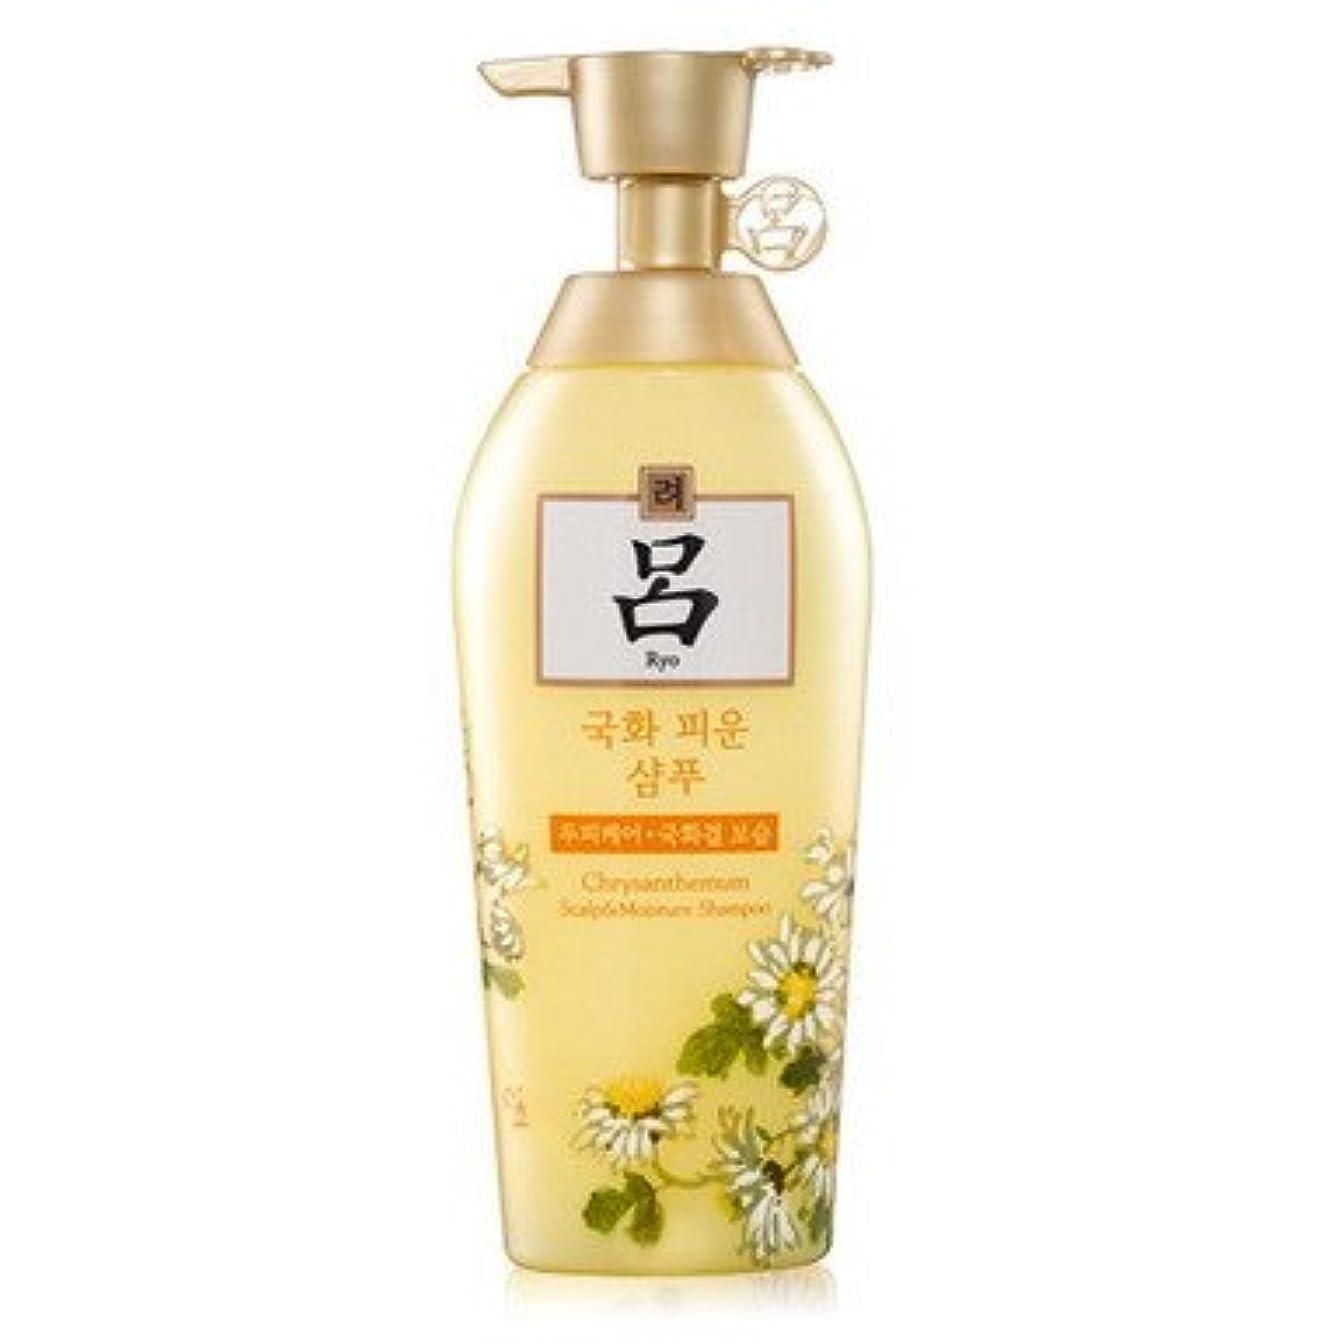 手入れアセ奪う【呂(Ryo)】アッケシソウ菊をたいたシャンプー 500ml (乾性頭皮向け) [並行輸入品]